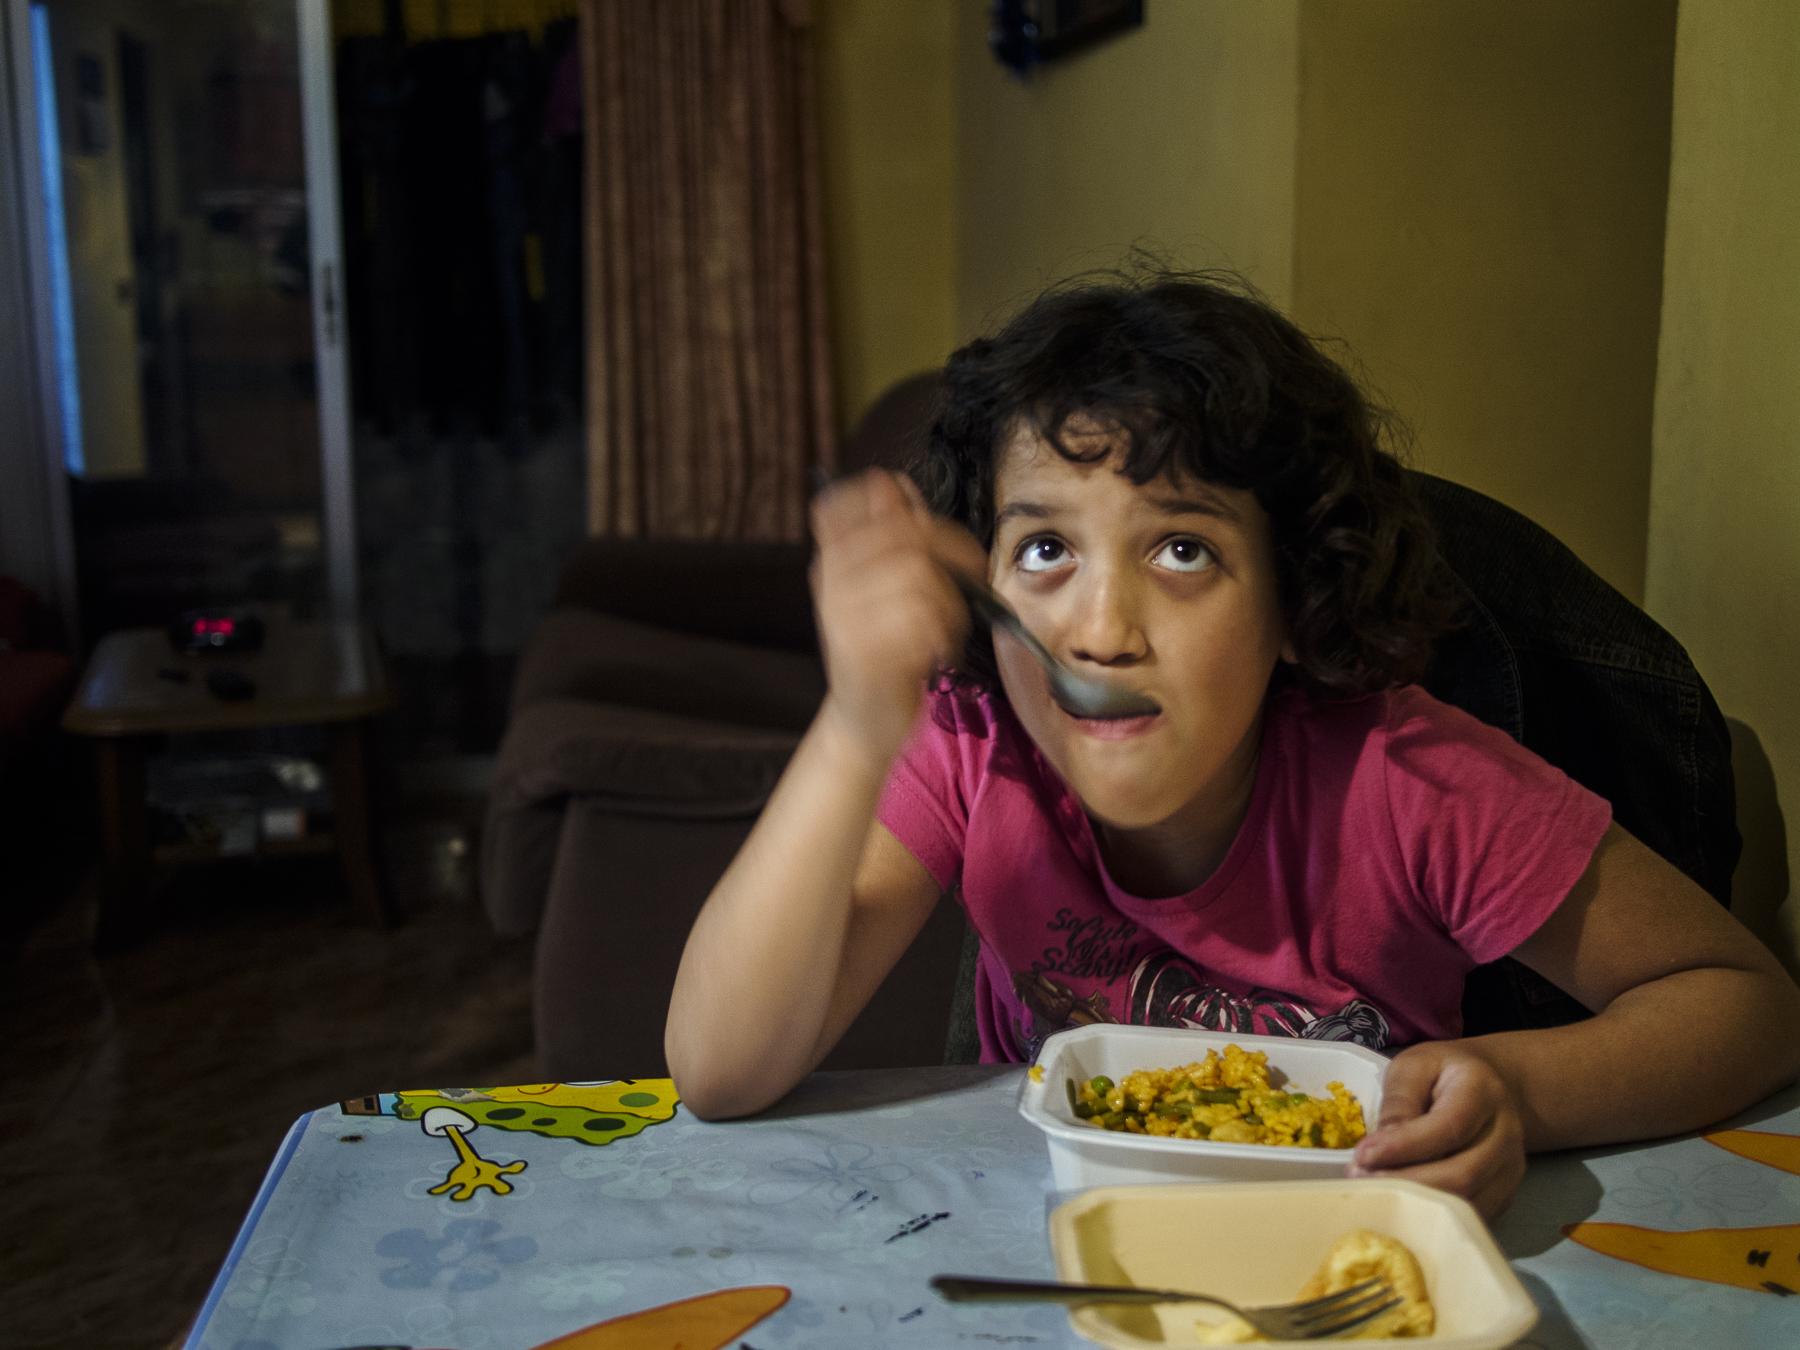 Yolanda cenando el menú que les ofrece servicios sociales